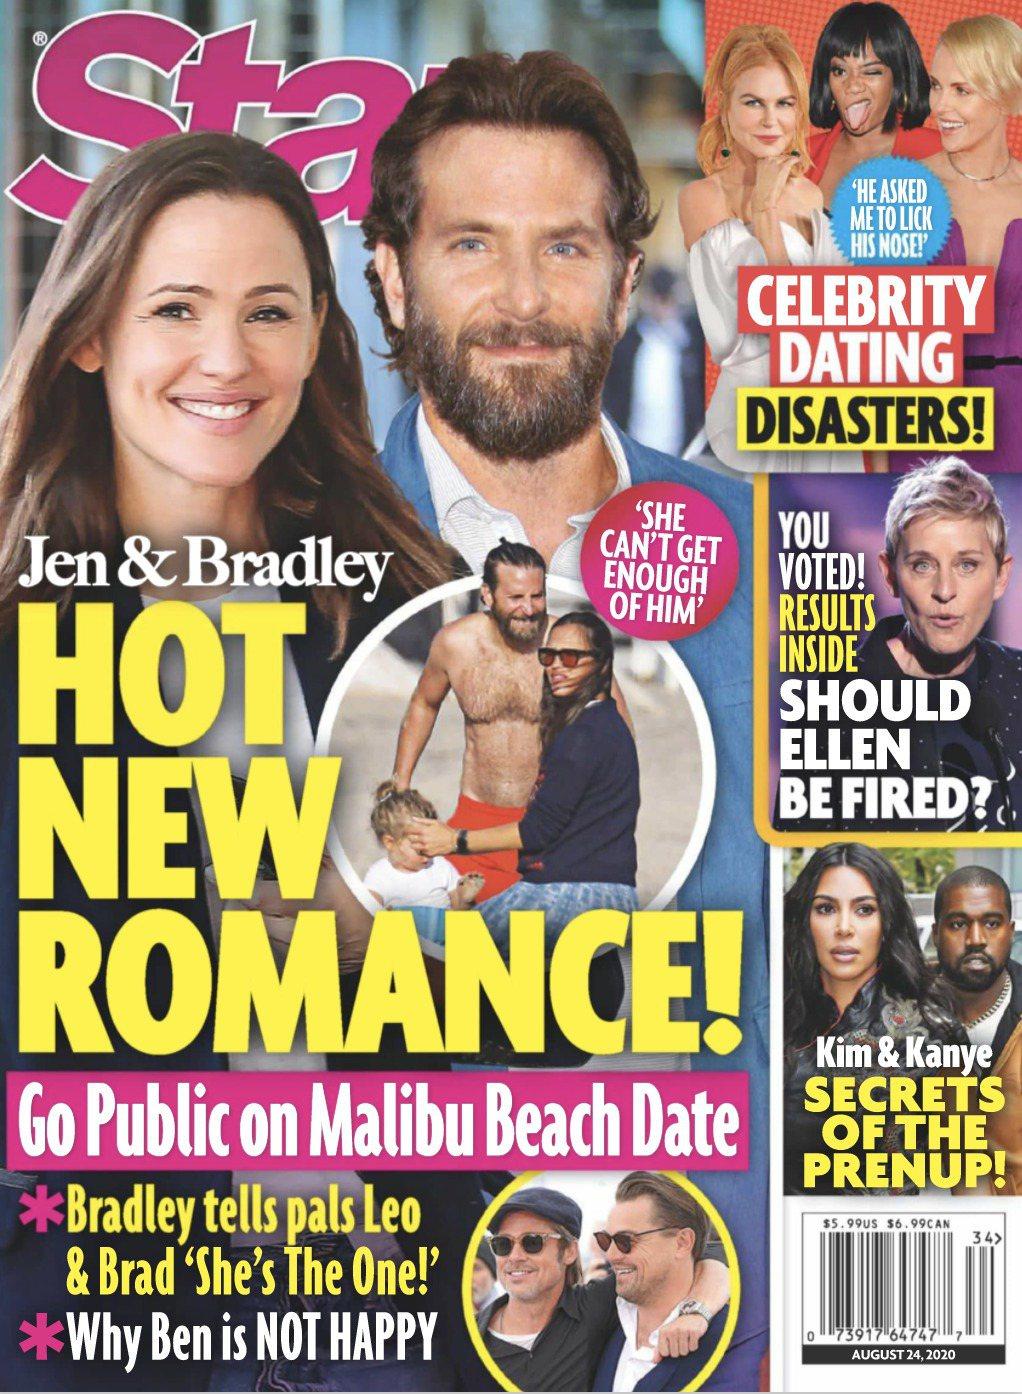 珍妮佛嘉納與布萊德利庫柏被雜誌封為最新熱門好萊塢緋聞情侶。圖/摘自Star